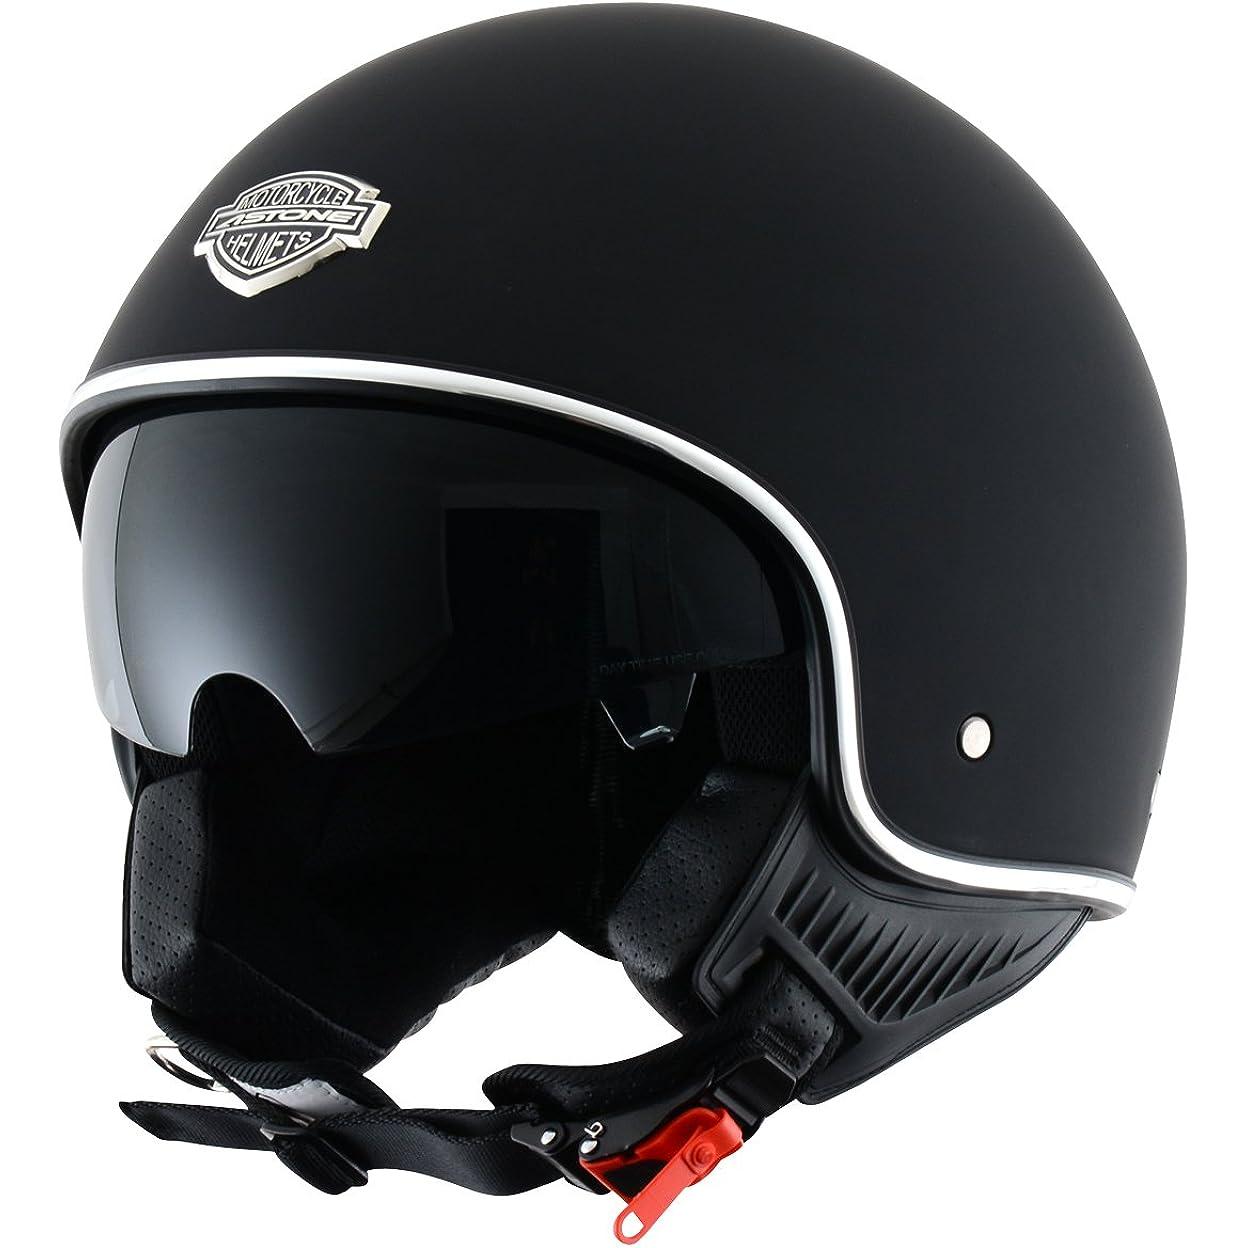 Astone Helmets MINI66-MBKM